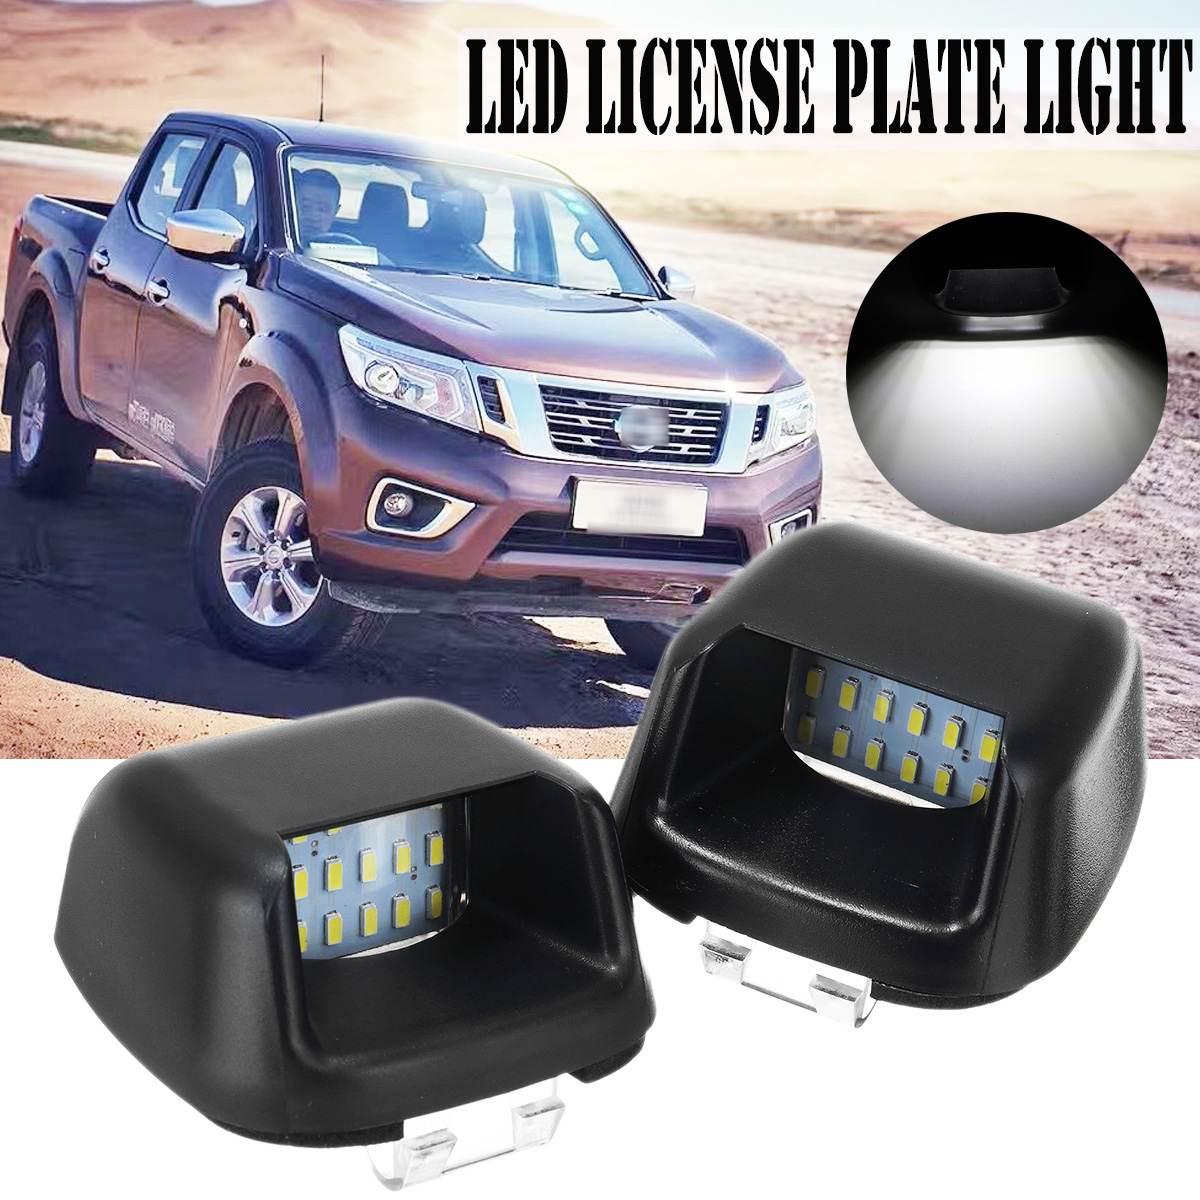 Çift 16 LED lisans numarası plaka işıklar arka tampon ışıkları lamba Nissan Navara için D40 Frontier için Suzuki Equator 2004-2018